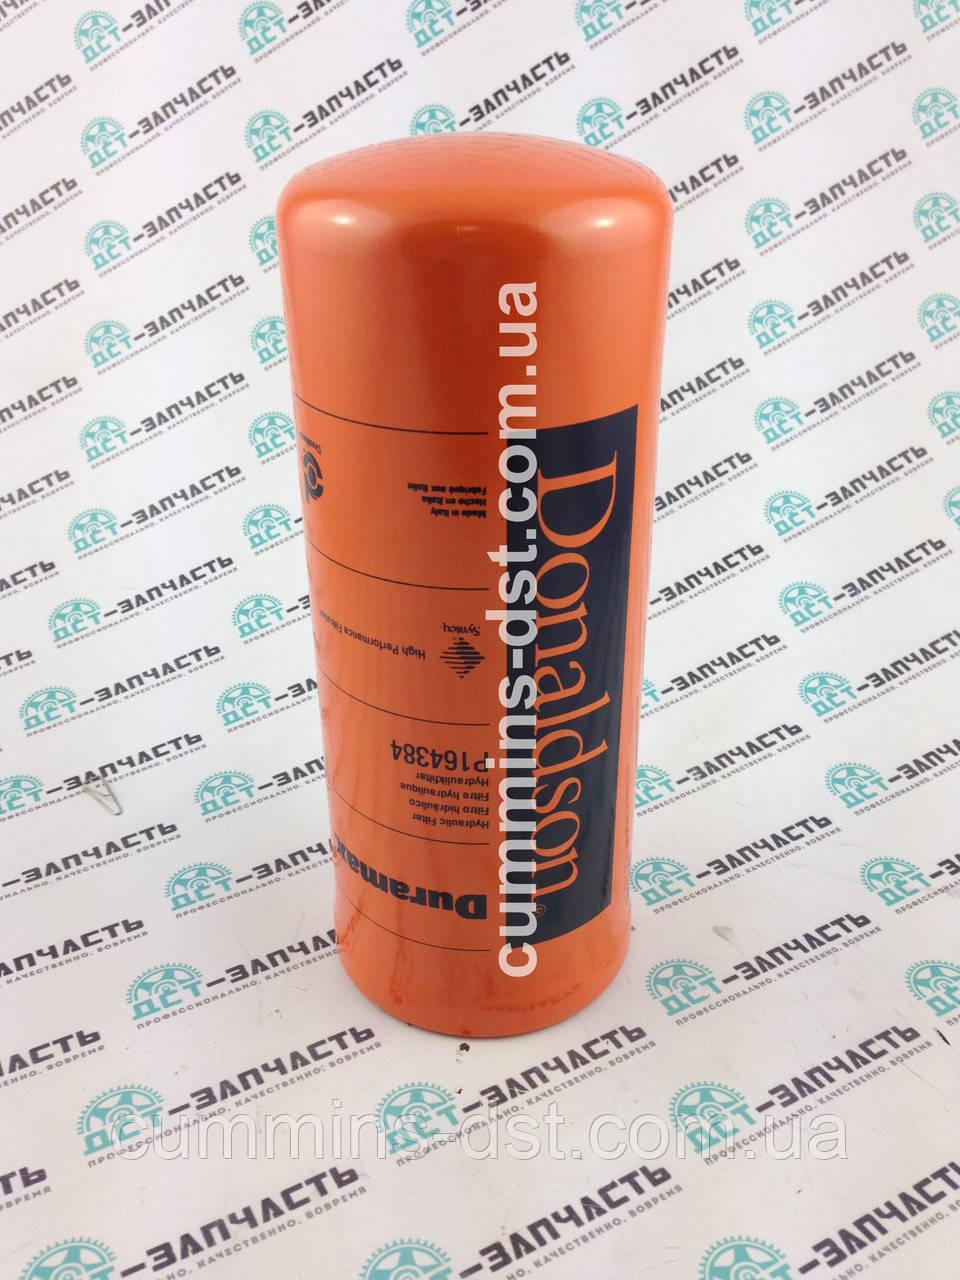 Фильтр гидравлики P164384/84074777 84226258/BT758 BT8850MPG/HF6555 WH980